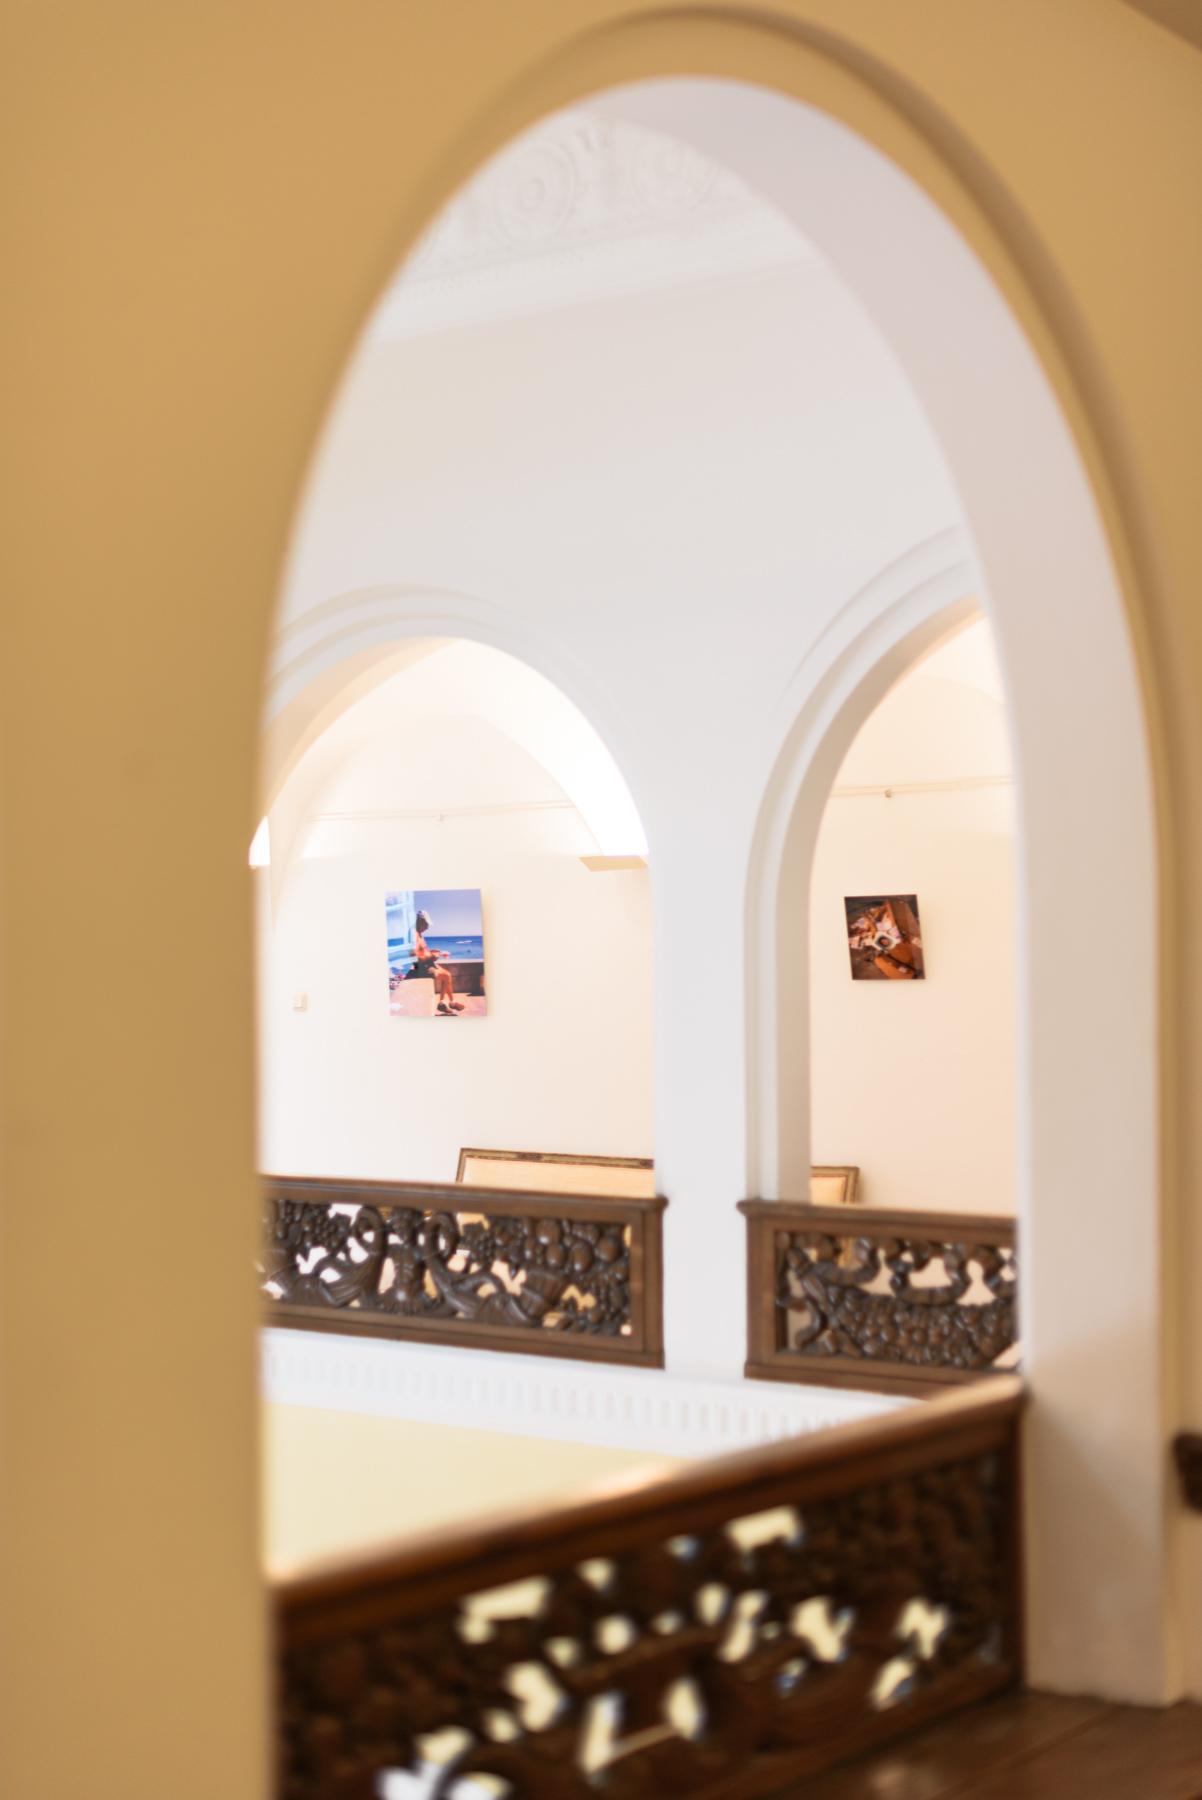 Ausstellung Cote Bizarre München-1632-.jpg